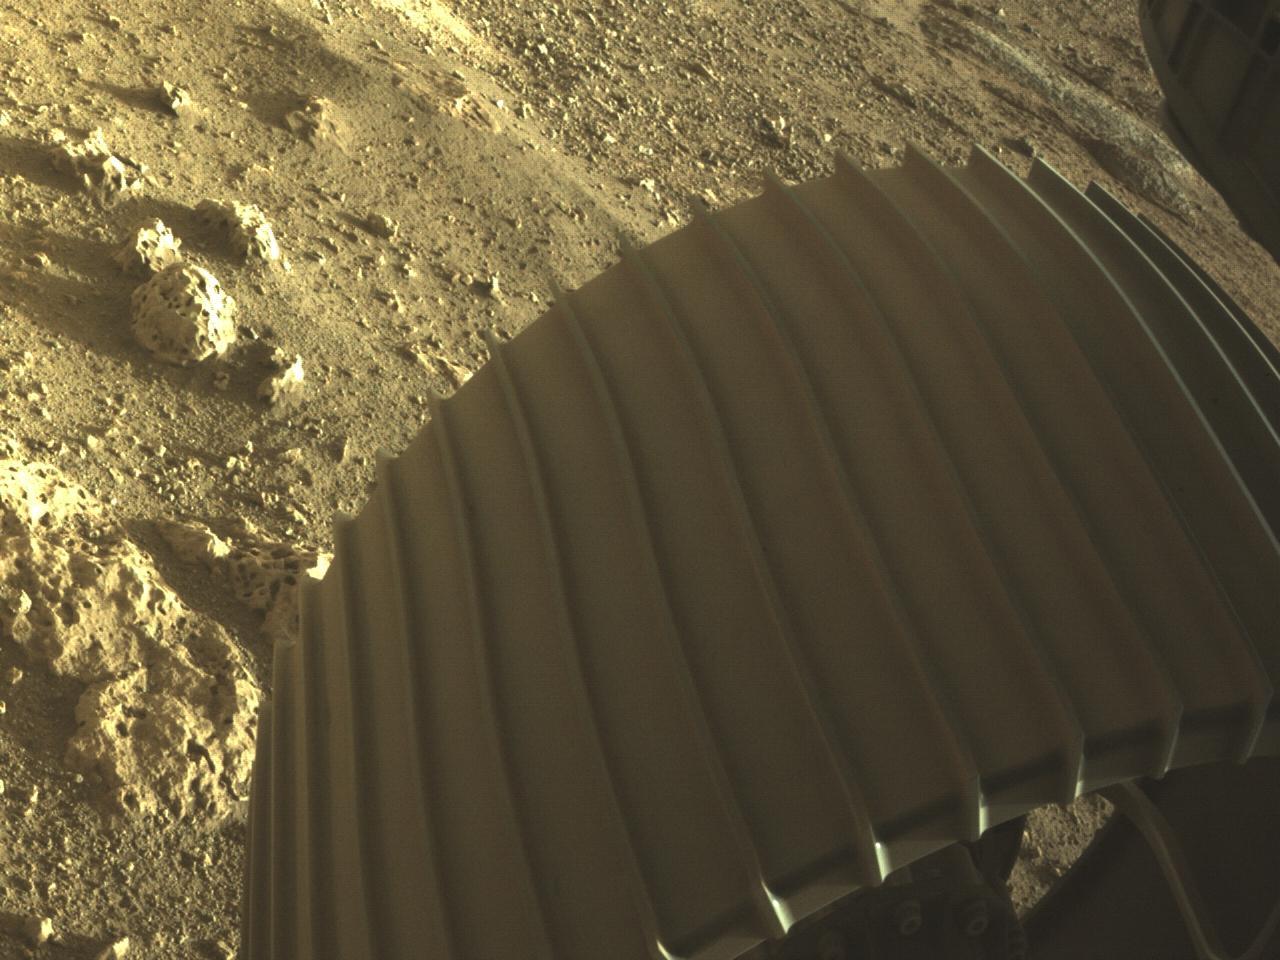 Obrázek: NASA zveřejnila přes 4 500 nových fotografií z Marsu: Začíná pátrání po životě